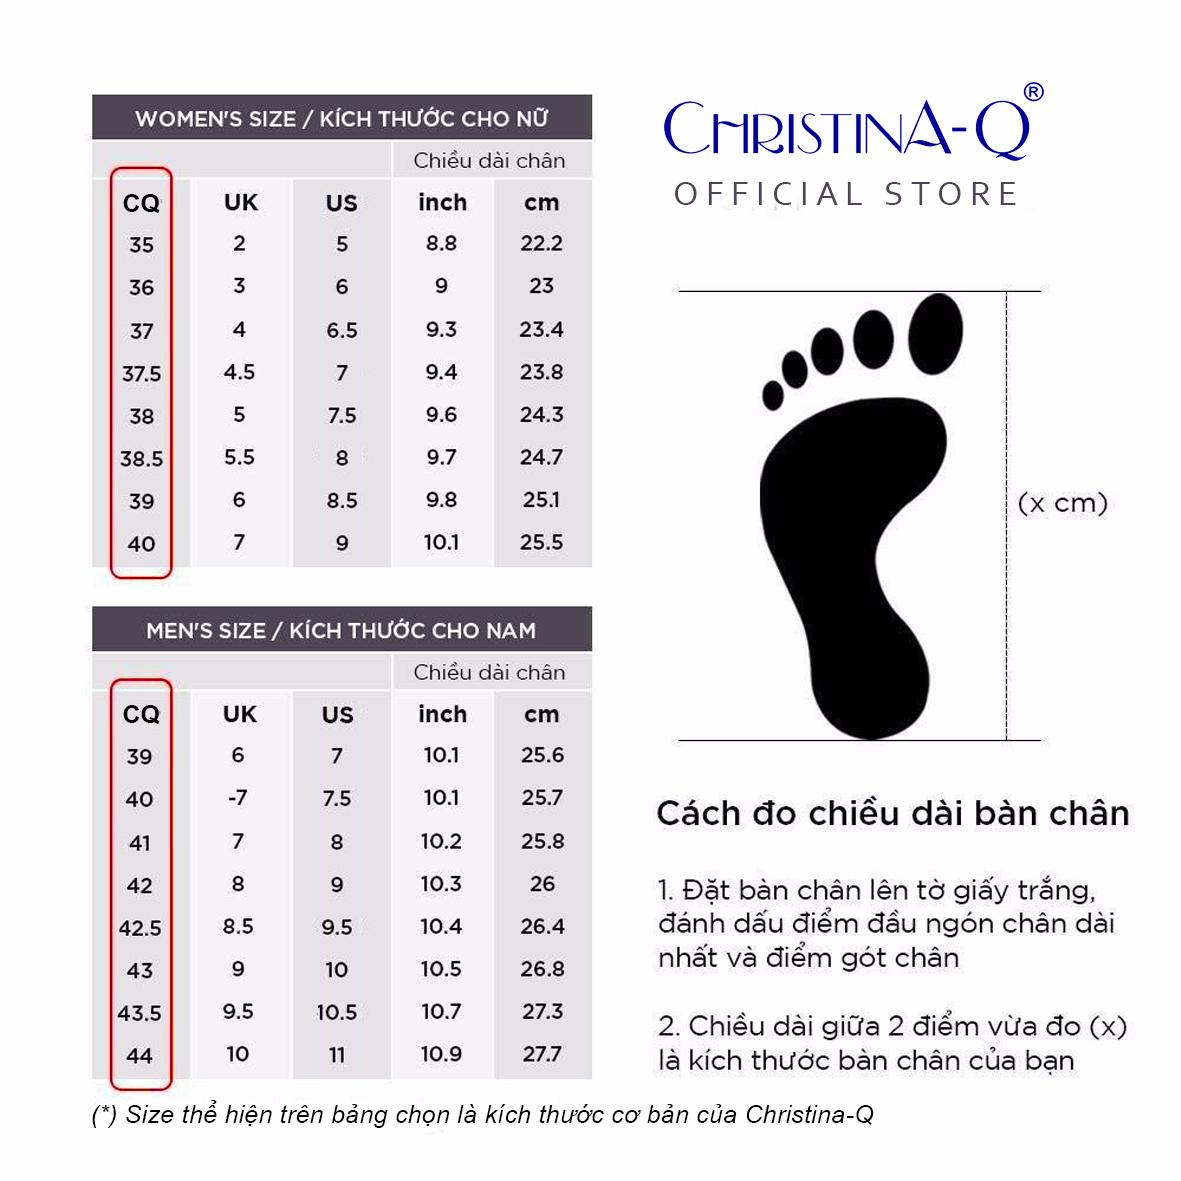 Hướng dẫn chọn size giày christina-q